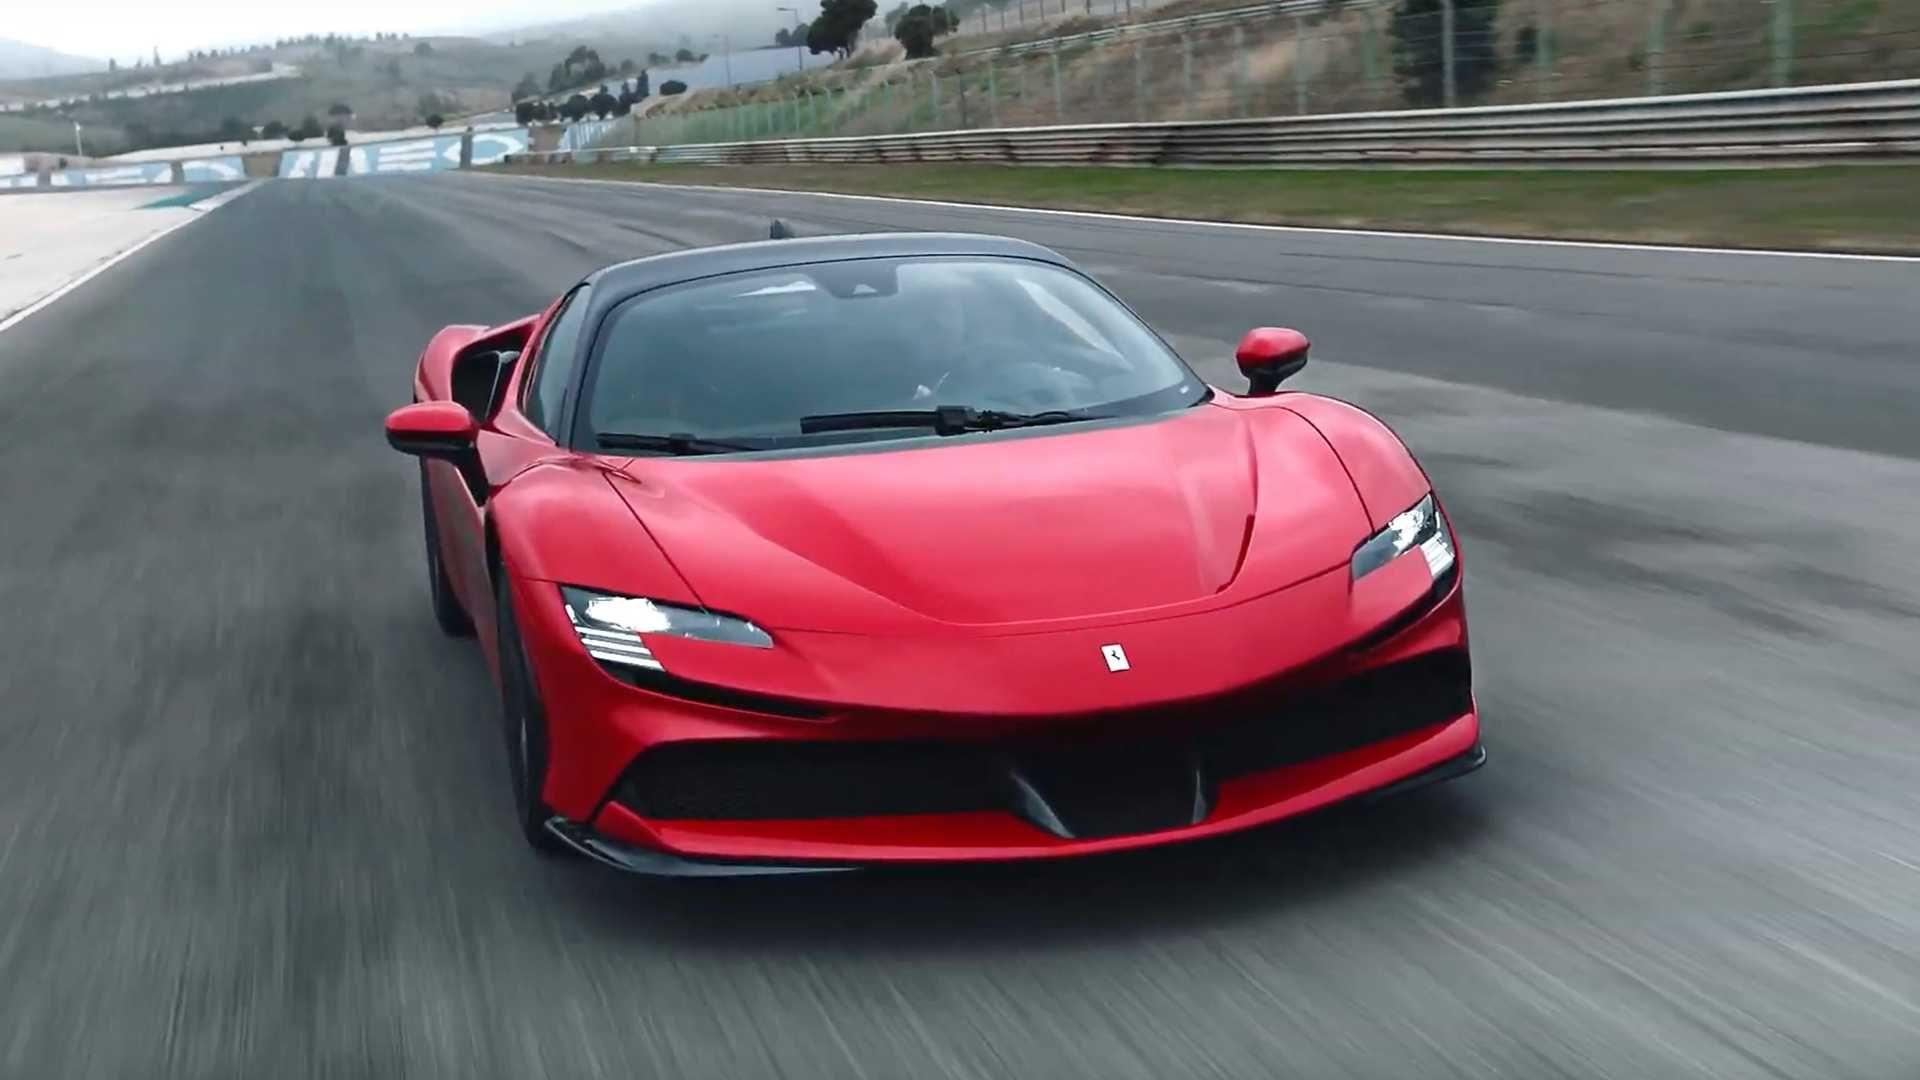 Ferrari Sf90 Stradale Build Slot Already For Sale For R21 Million